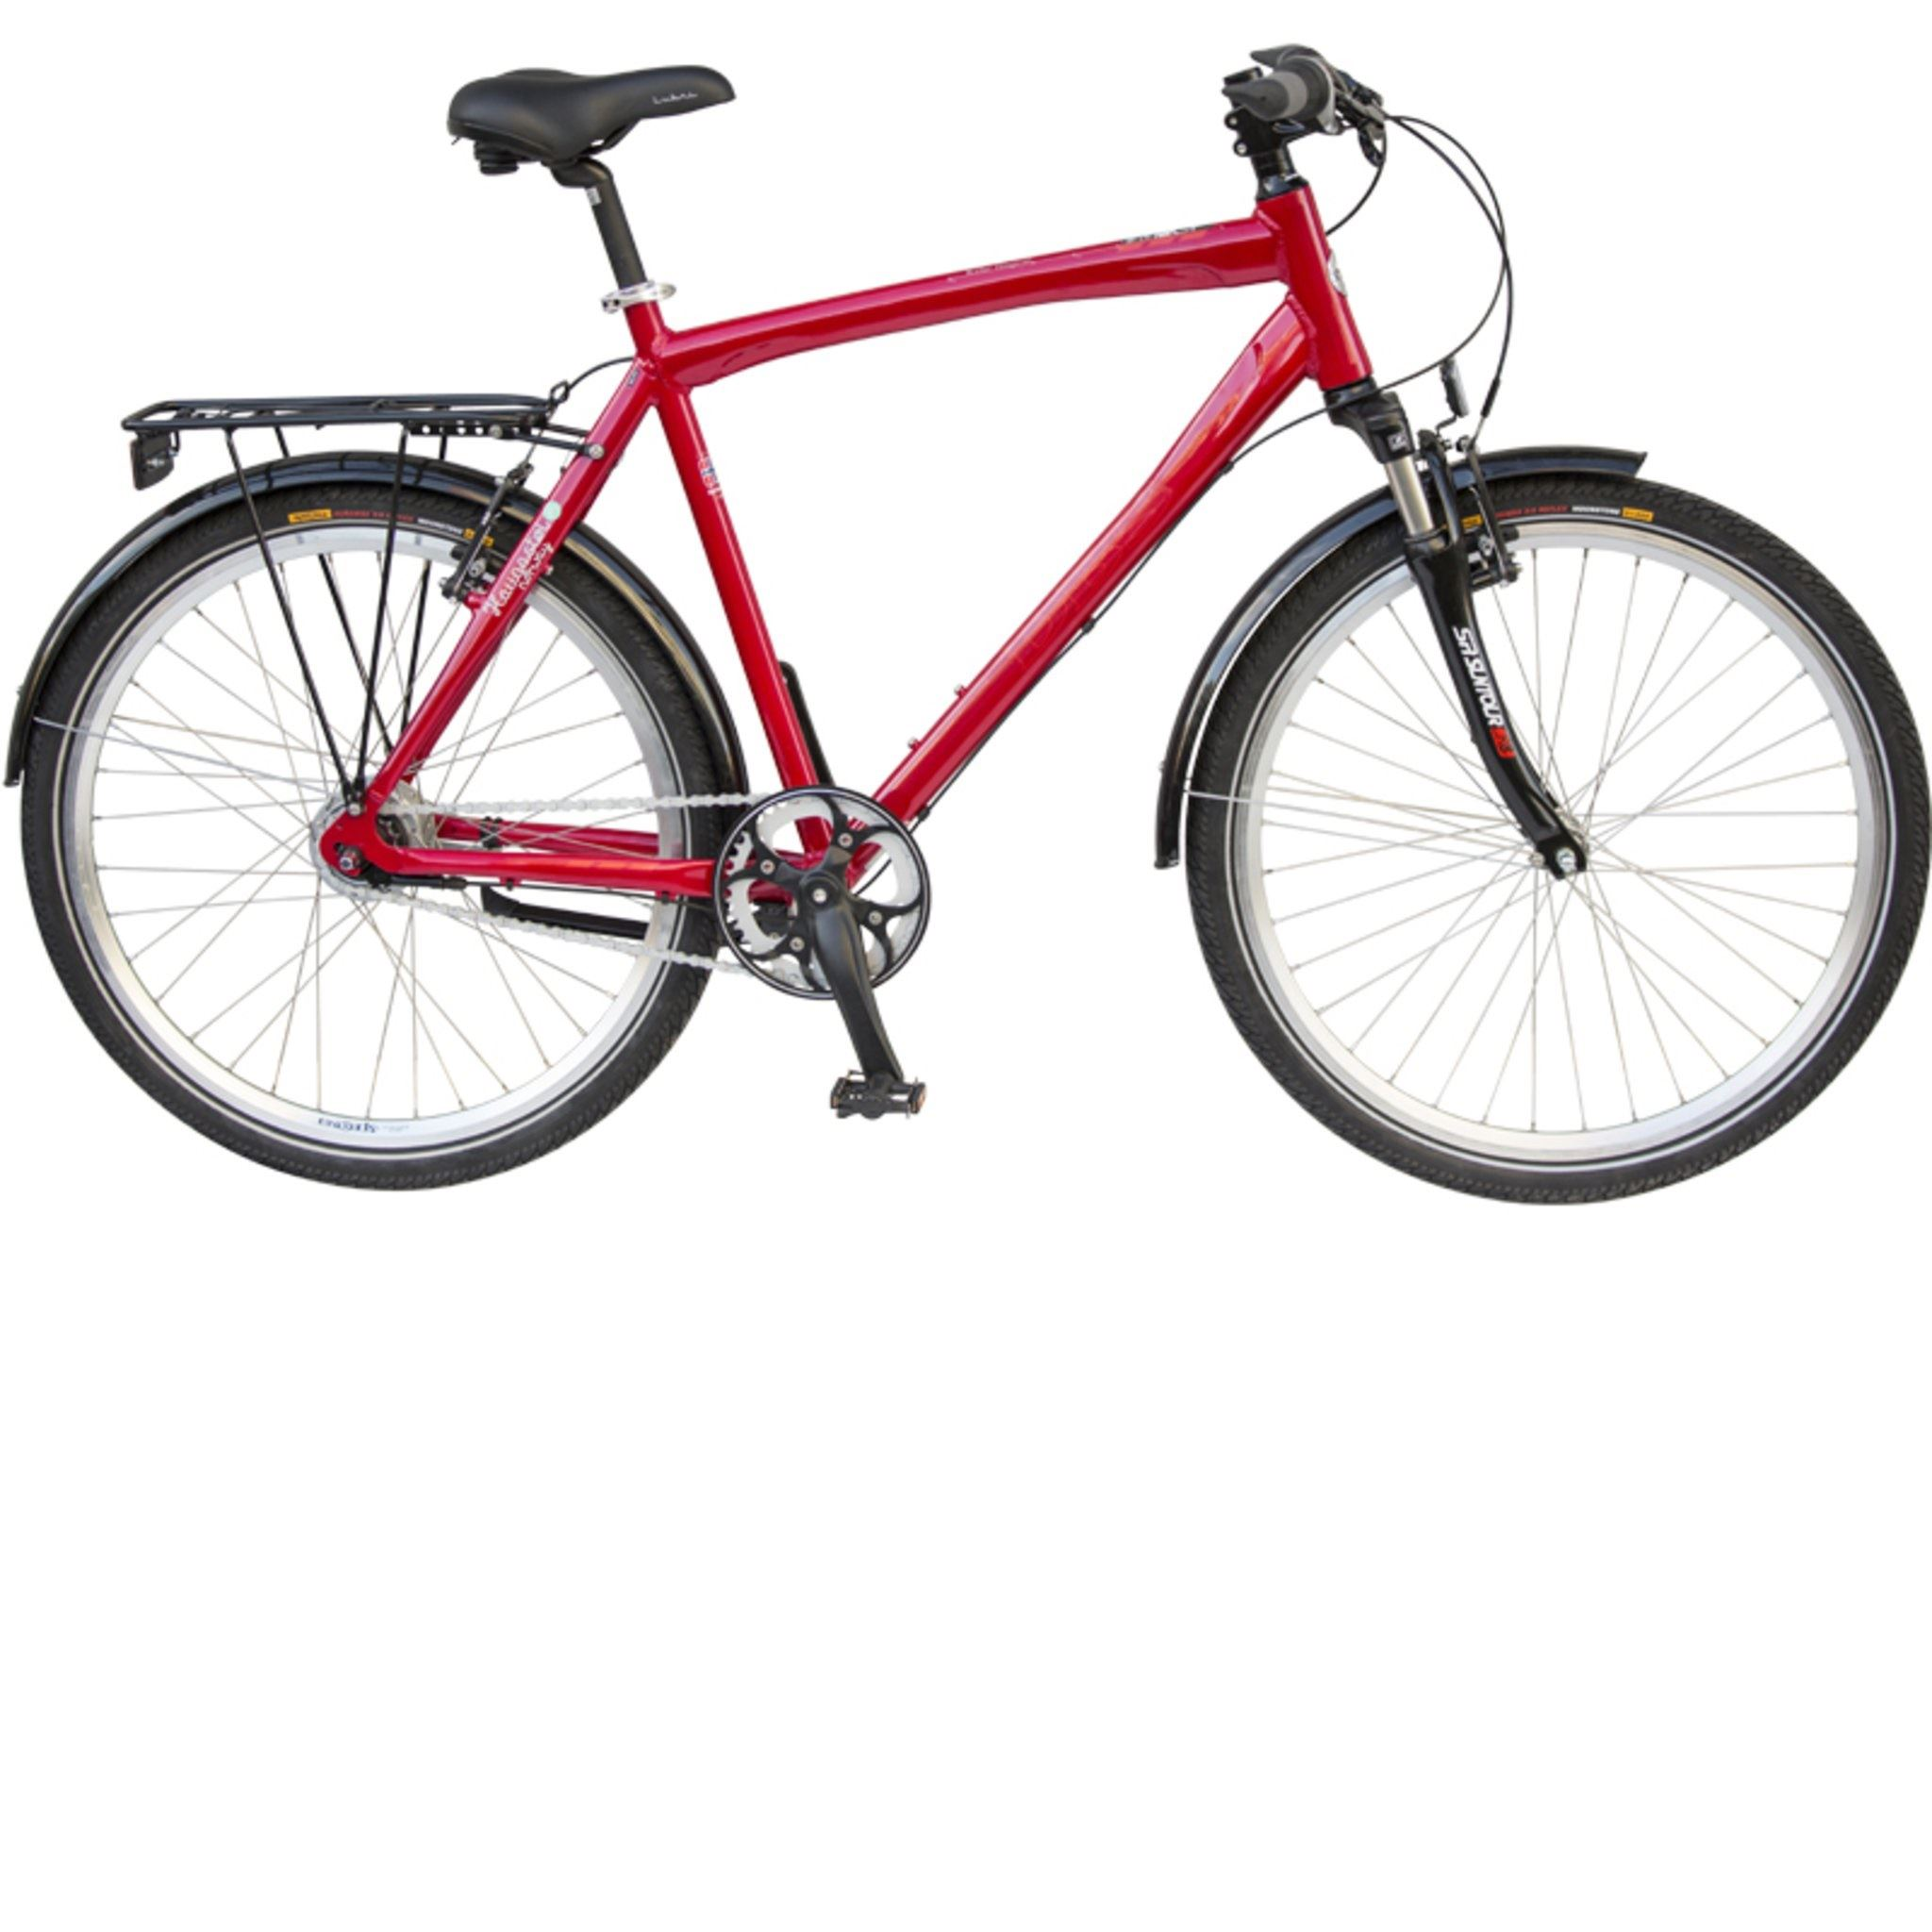 Herre sykkel